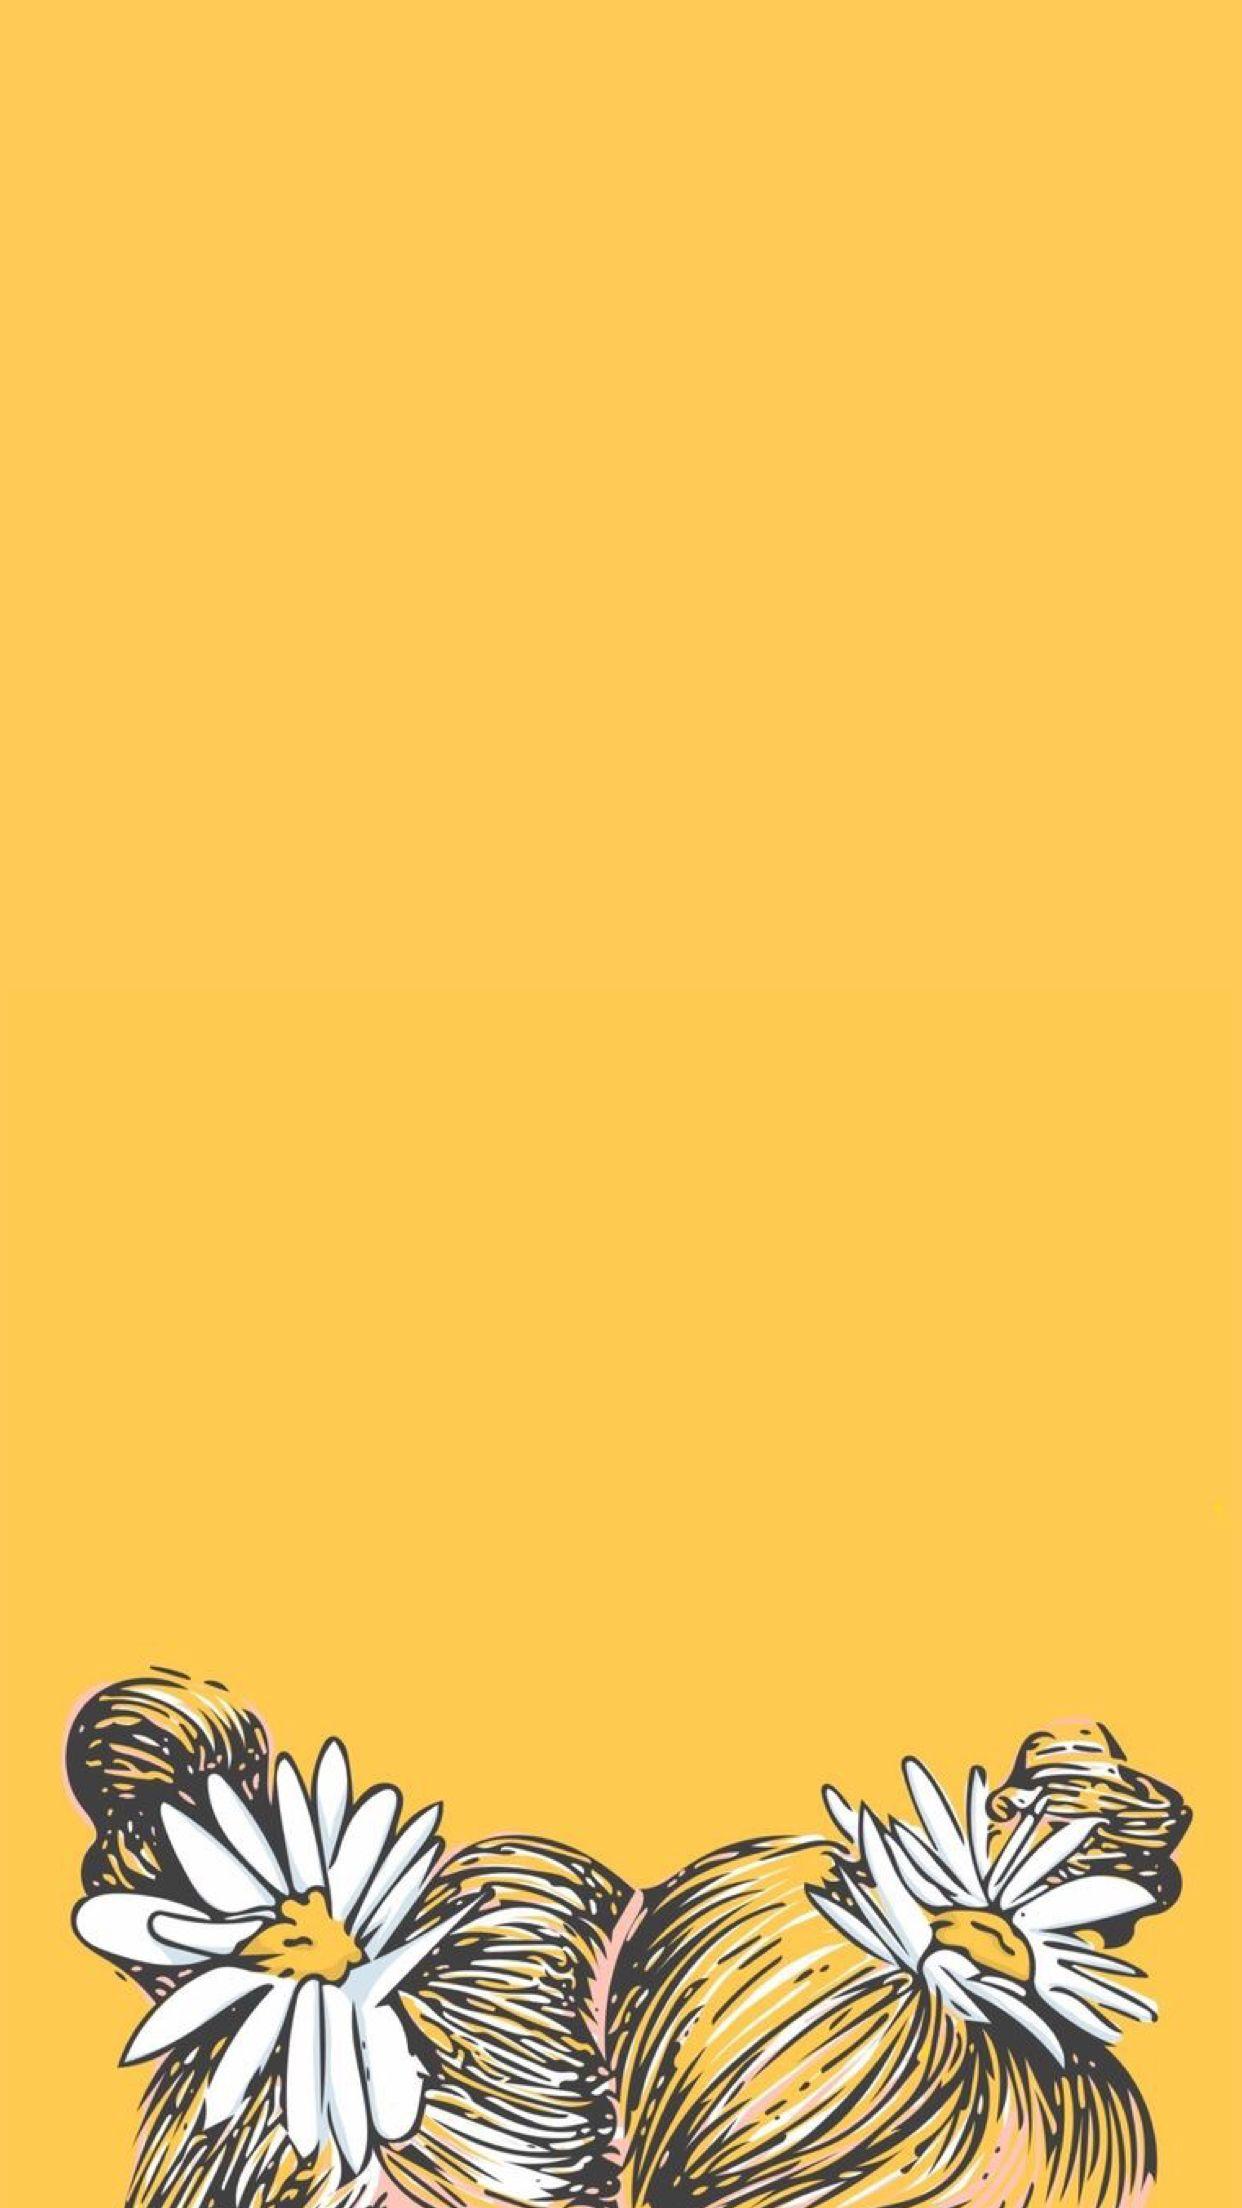 Yellow Girly Wallpaper : yellow, girly, wallpaper, Wallpapers, Yellow